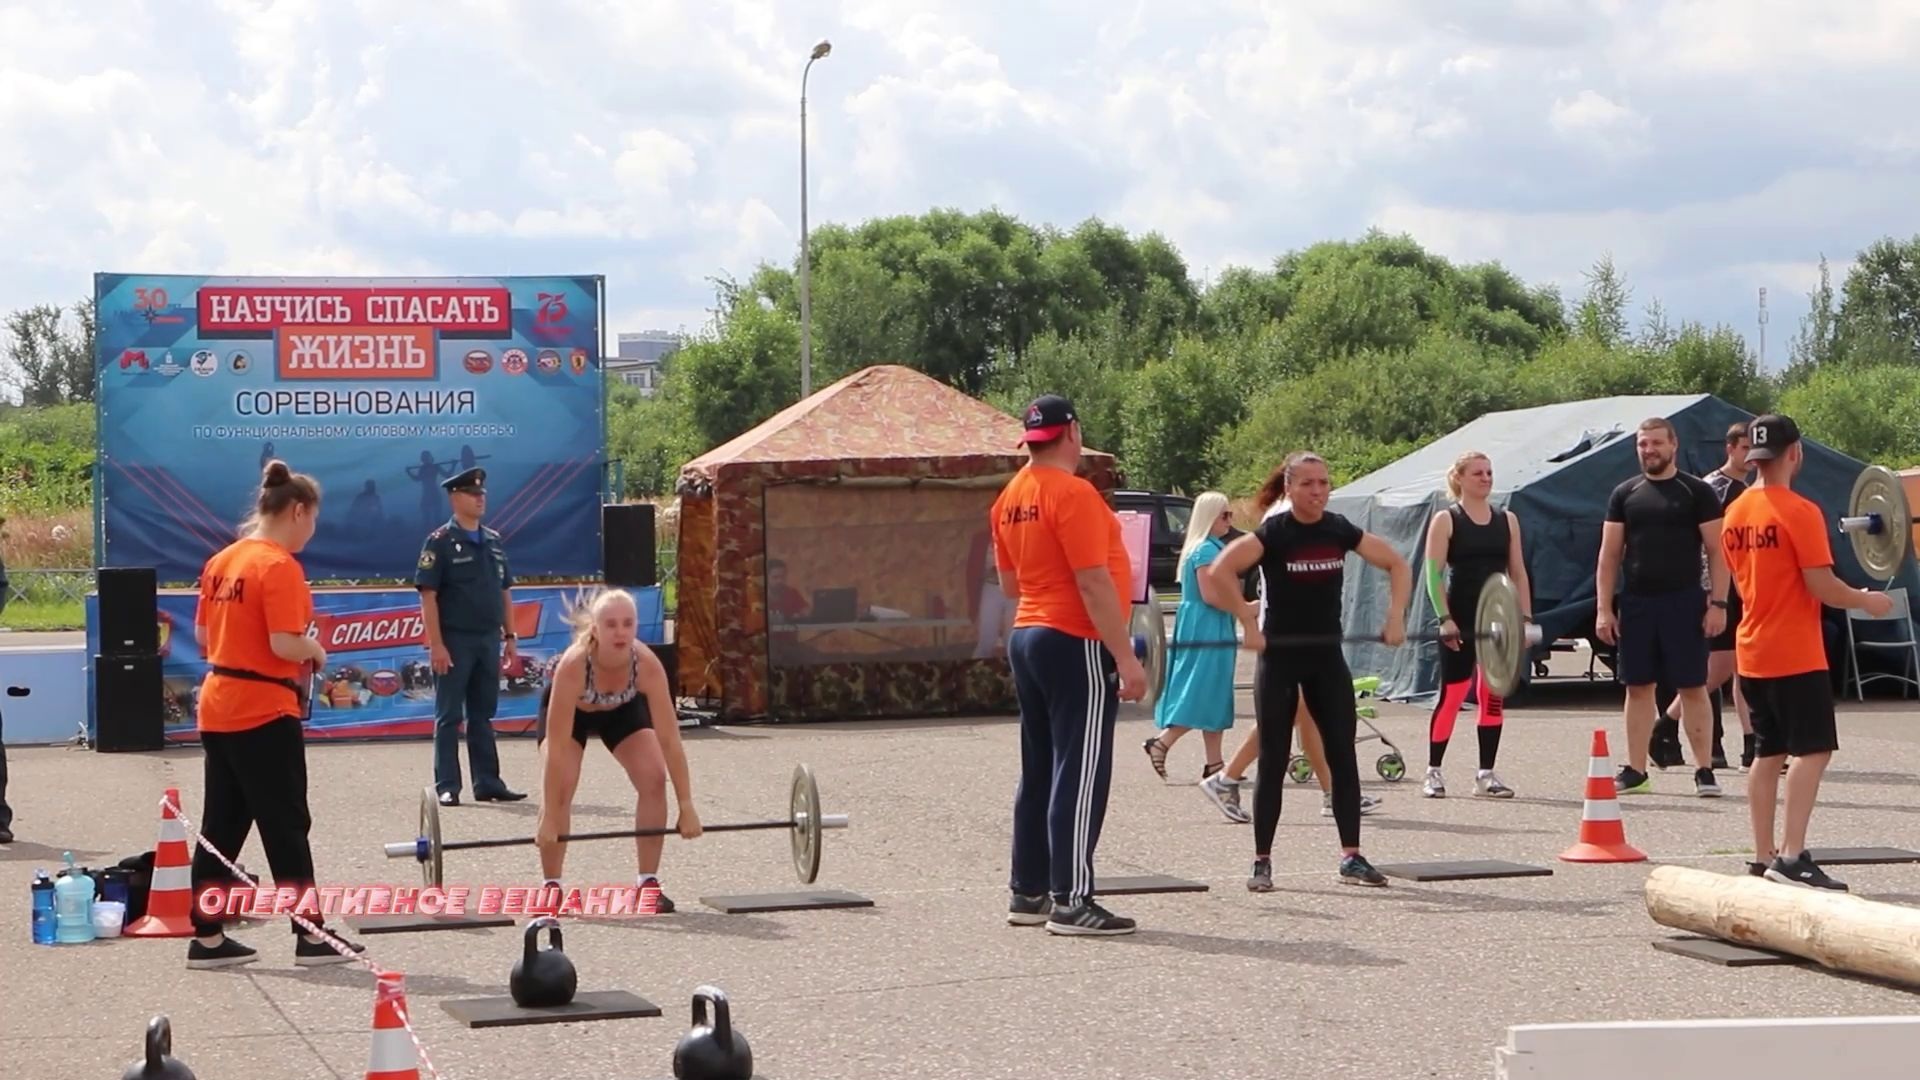 В Ярославле прошли соревнования спасателей по многоборью: проявили себя как мужчины, так и женщины